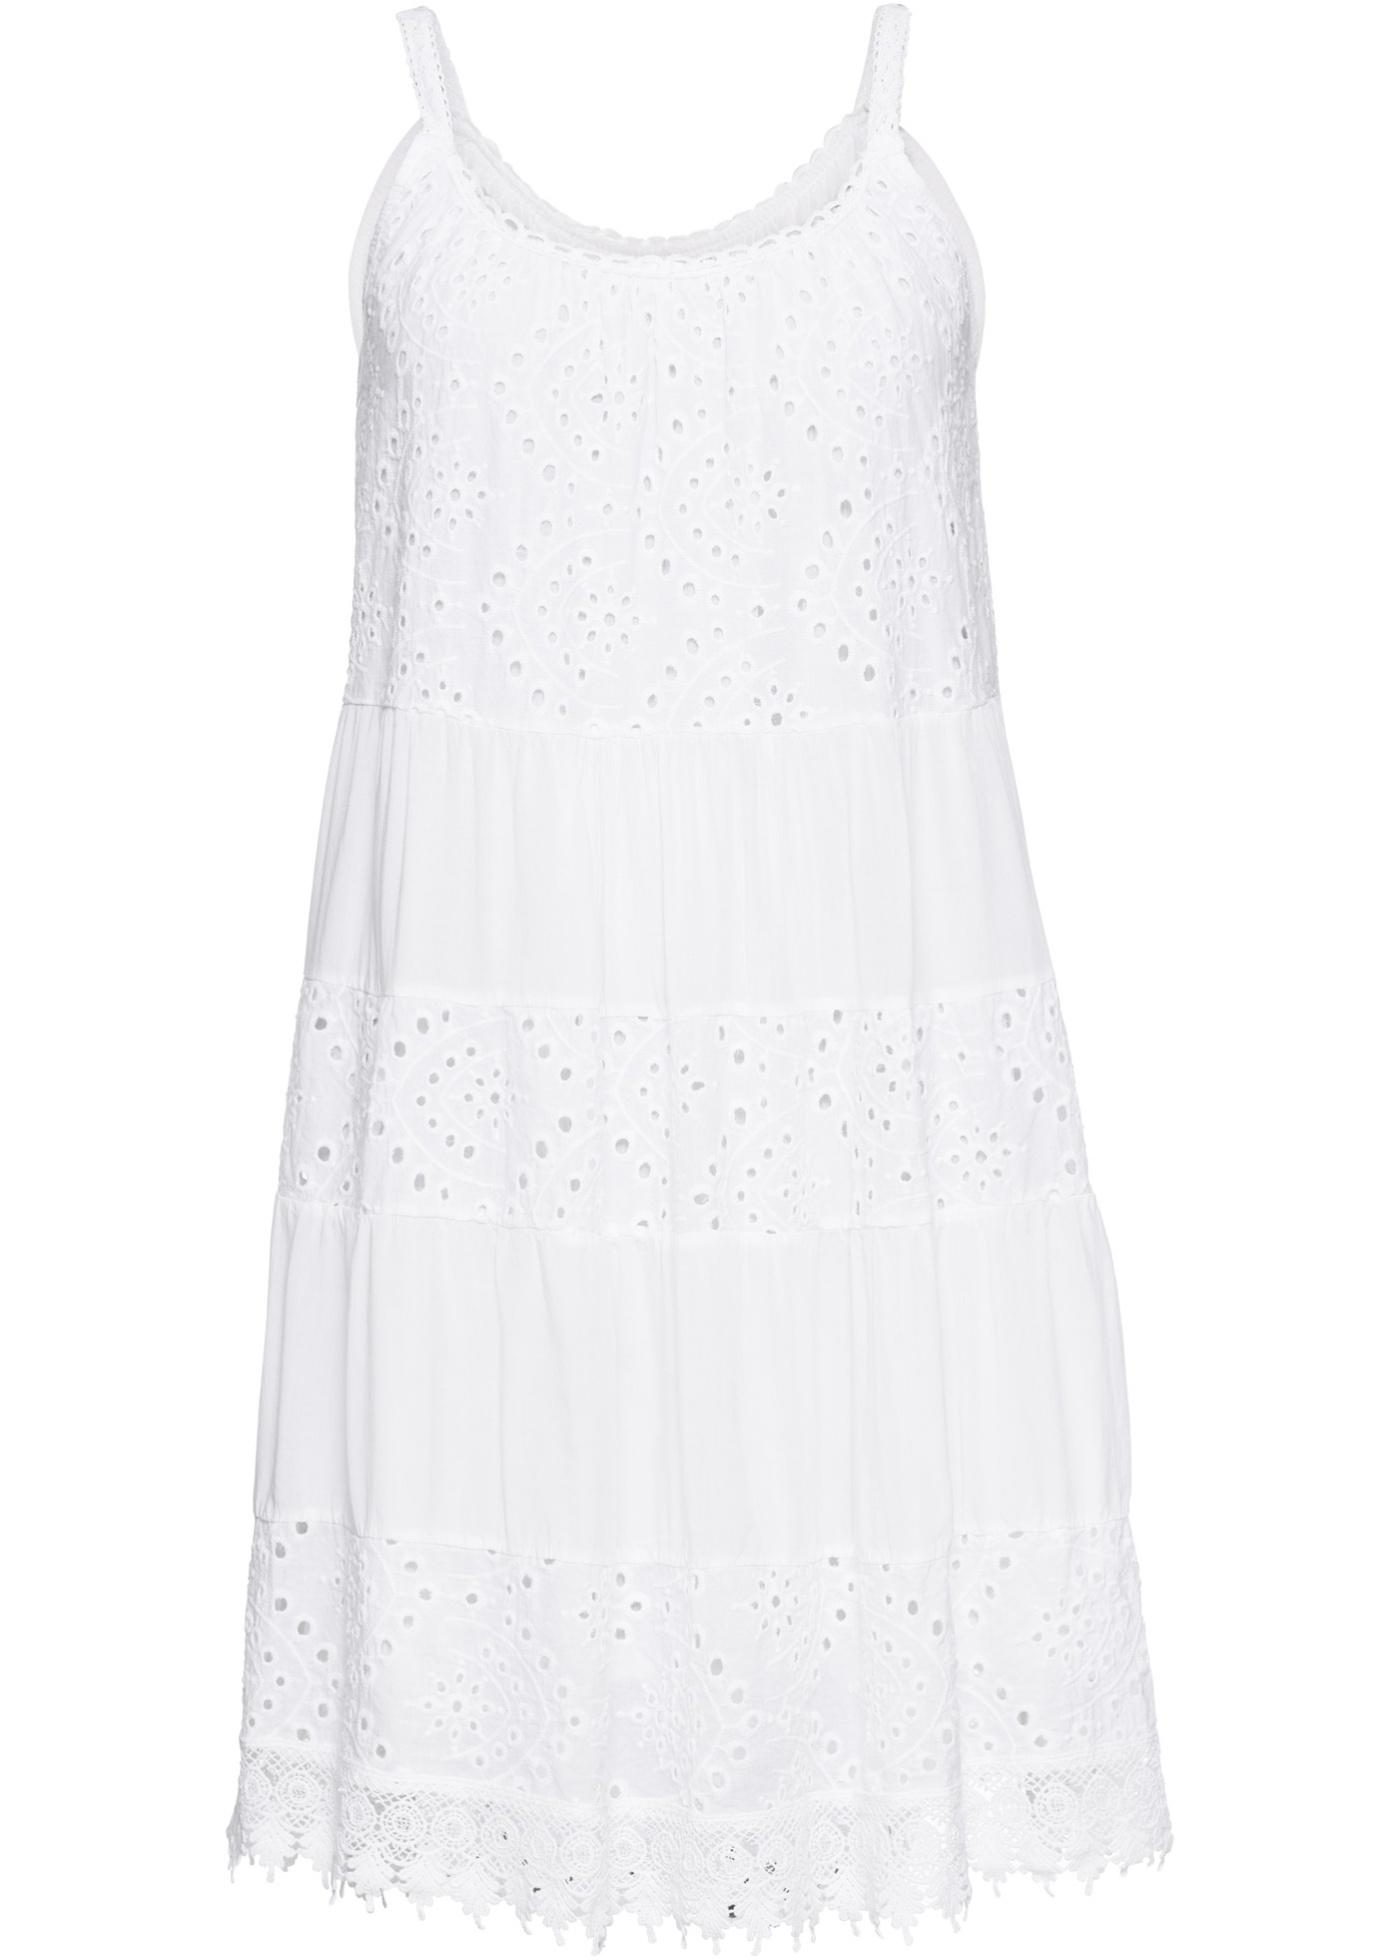 Letní šaty s krajkou - Bílá ea490a539e